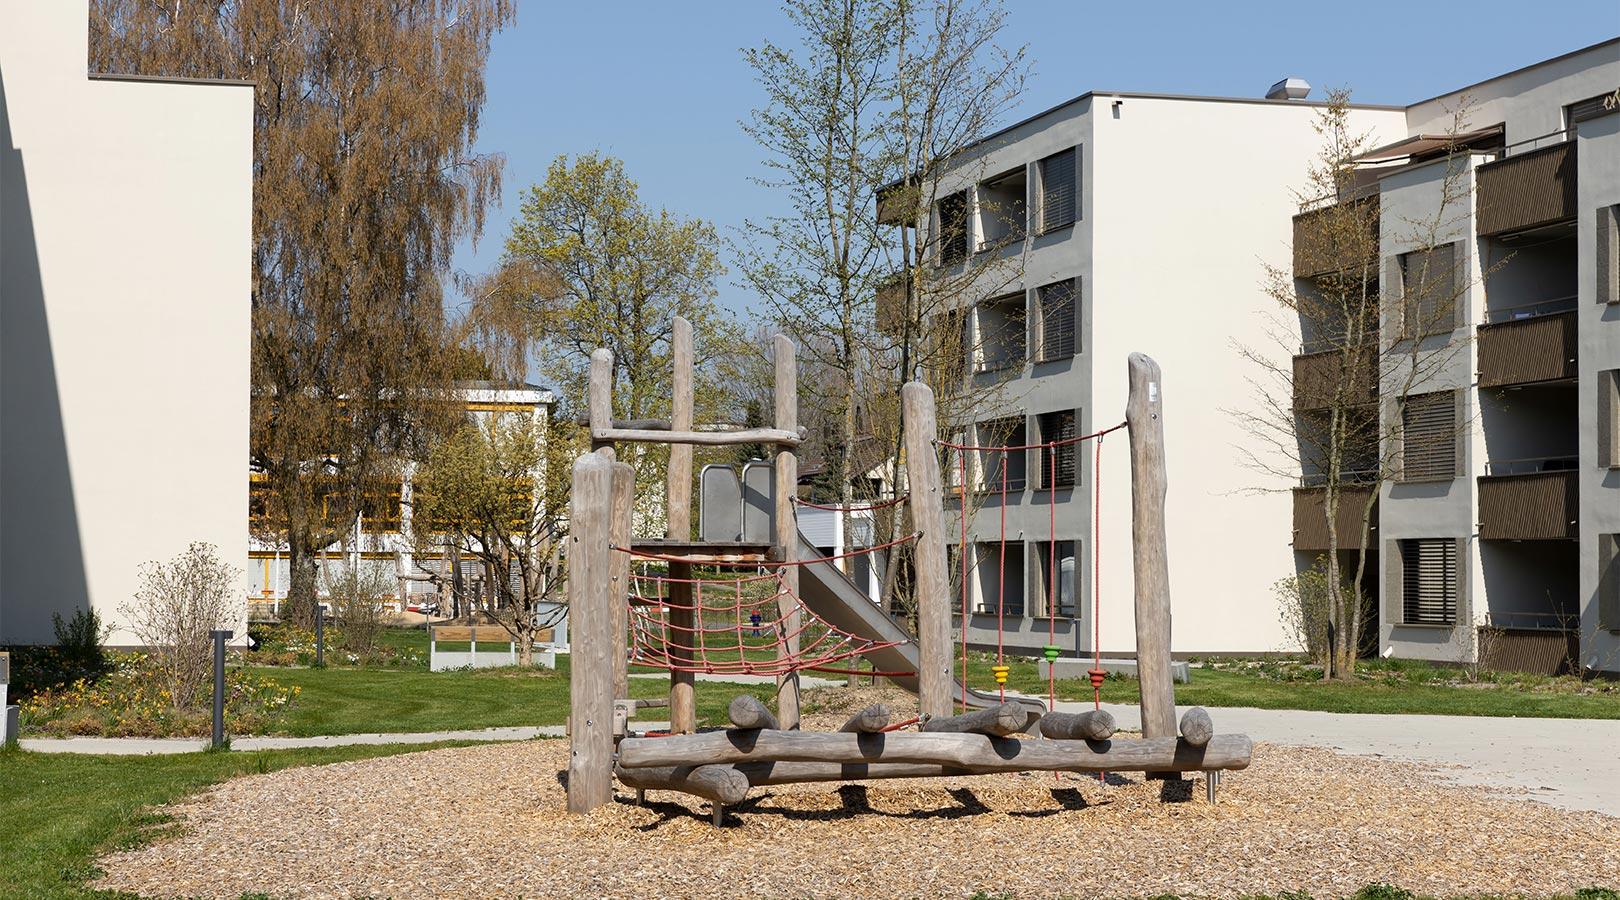 Kinderspielplatz mit Rutsche bei der Überbauung Sonnenhof